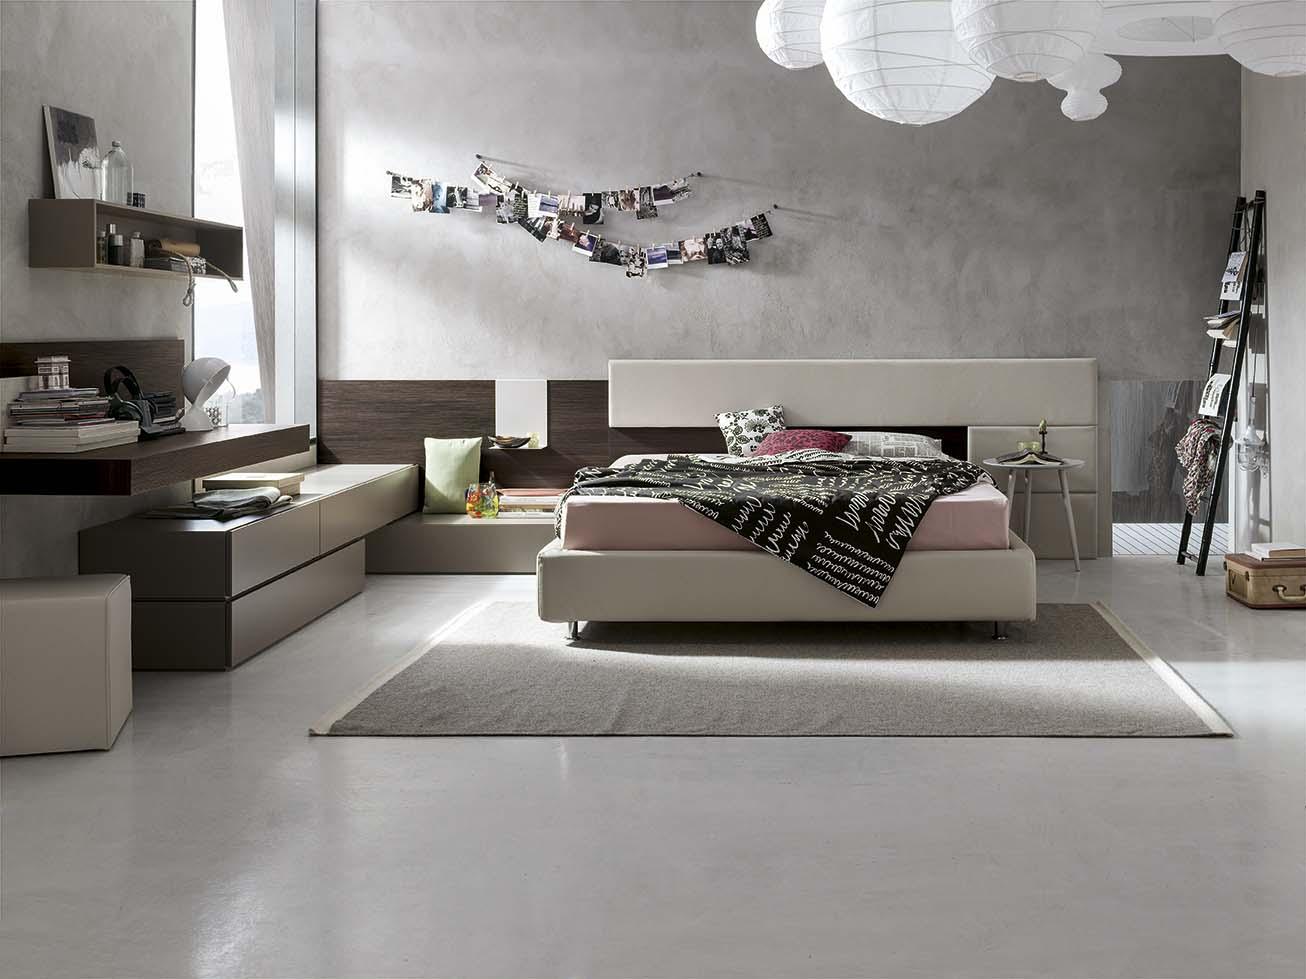 camere da letto santa lucia arredo spazio casa